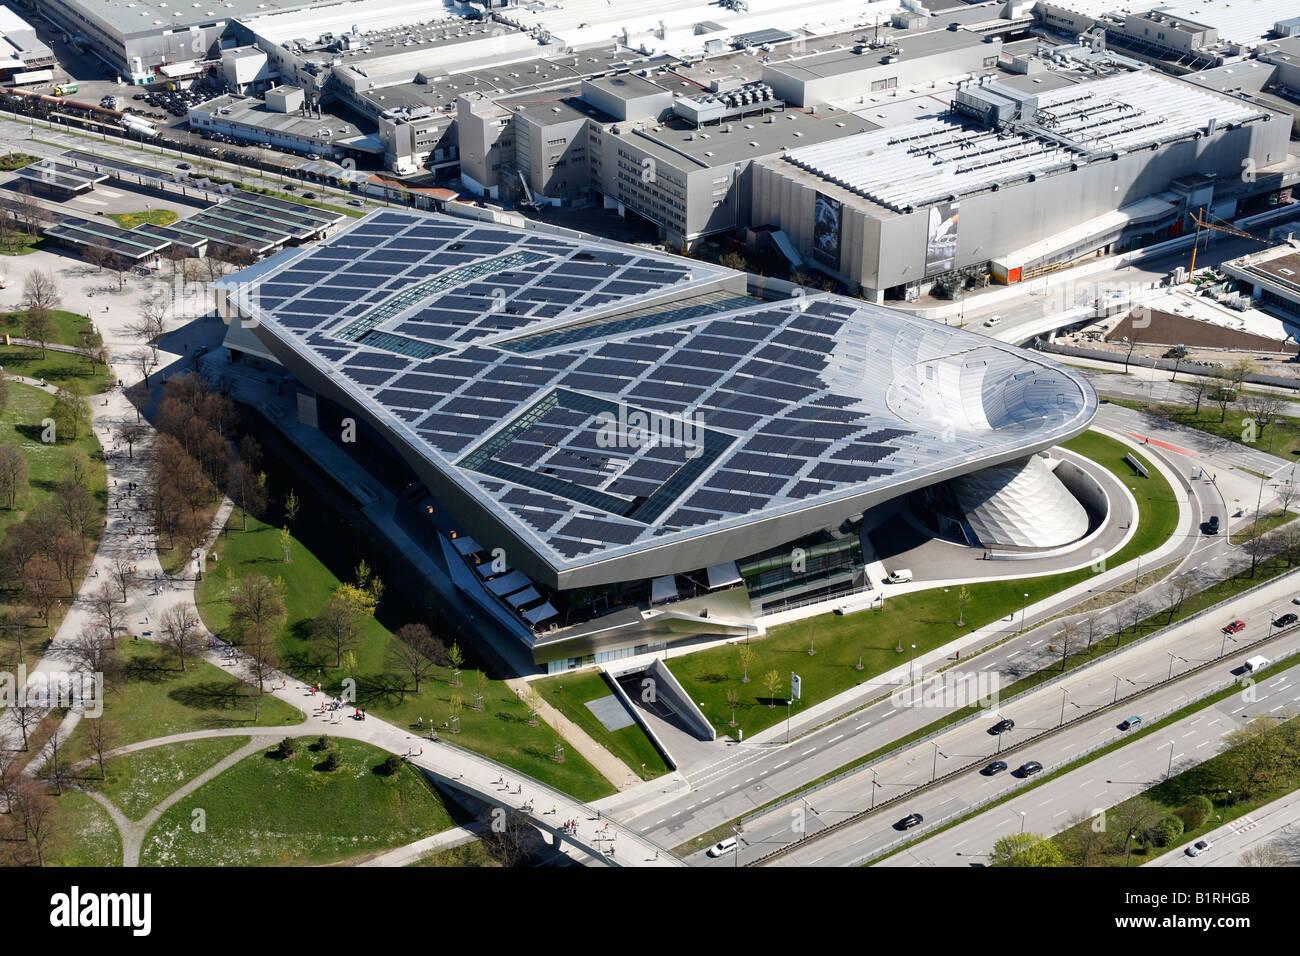 Solaranlagen München bmw welt olympia fernsehturm solaranlage münchen bayern